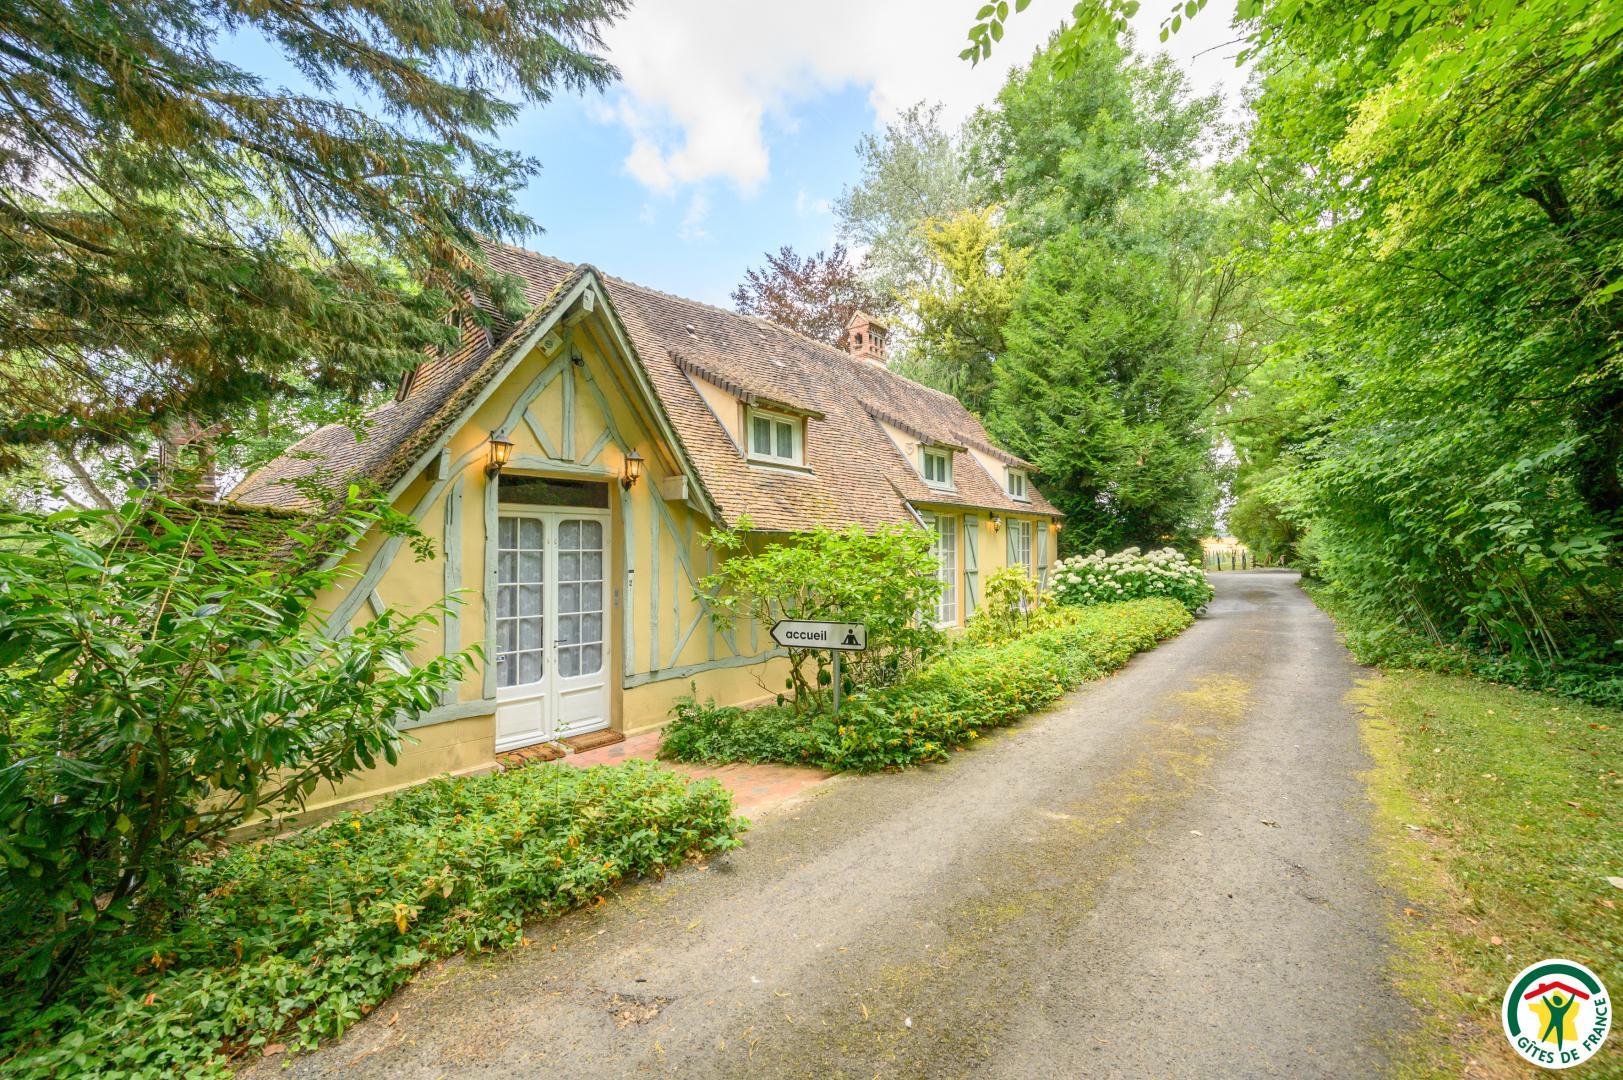 Terrasse En Bois Oise accueil - chambre d'hôtes à tillé dans l'oise proche